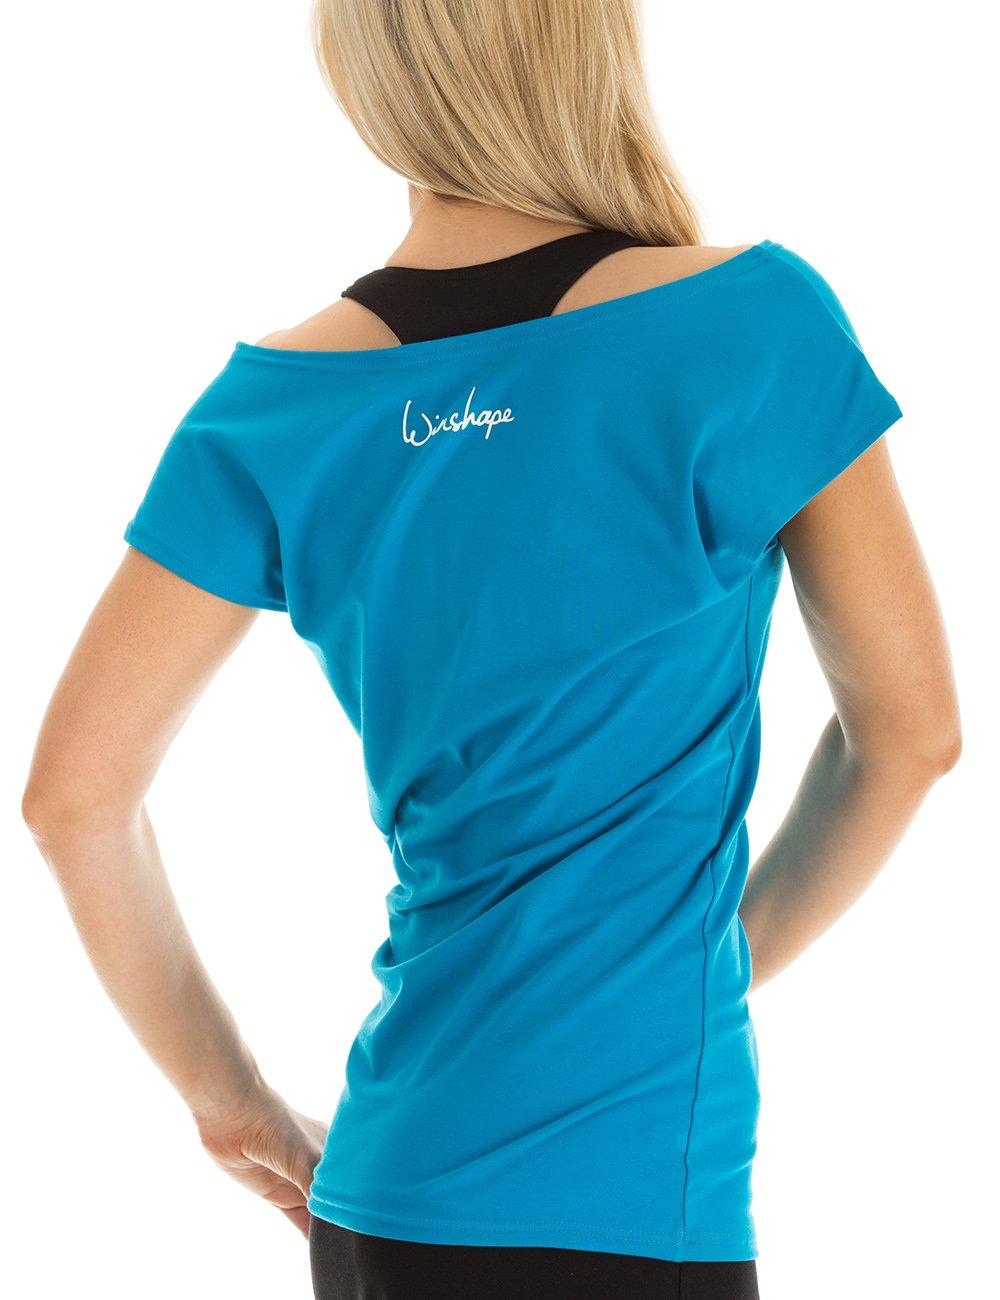 Danse Winshape T Shirt De Pour LoisirsFitness Wtr12 Femme bYfy6g7